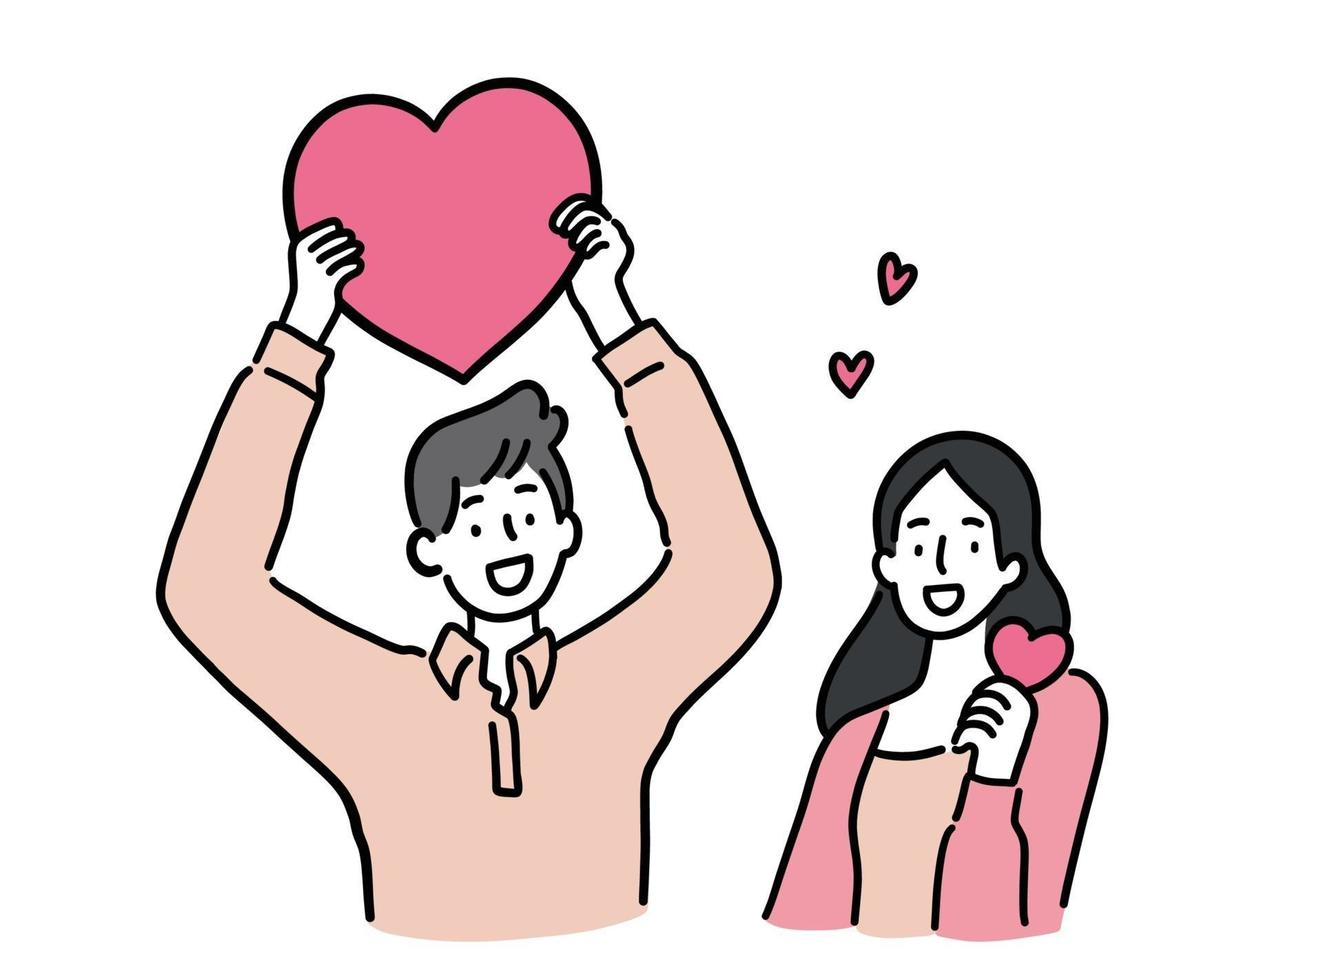 homem e mulher segurando coração, conceito de casal bonito, ilustração vetorial de estilo desenhado à mão. vetor